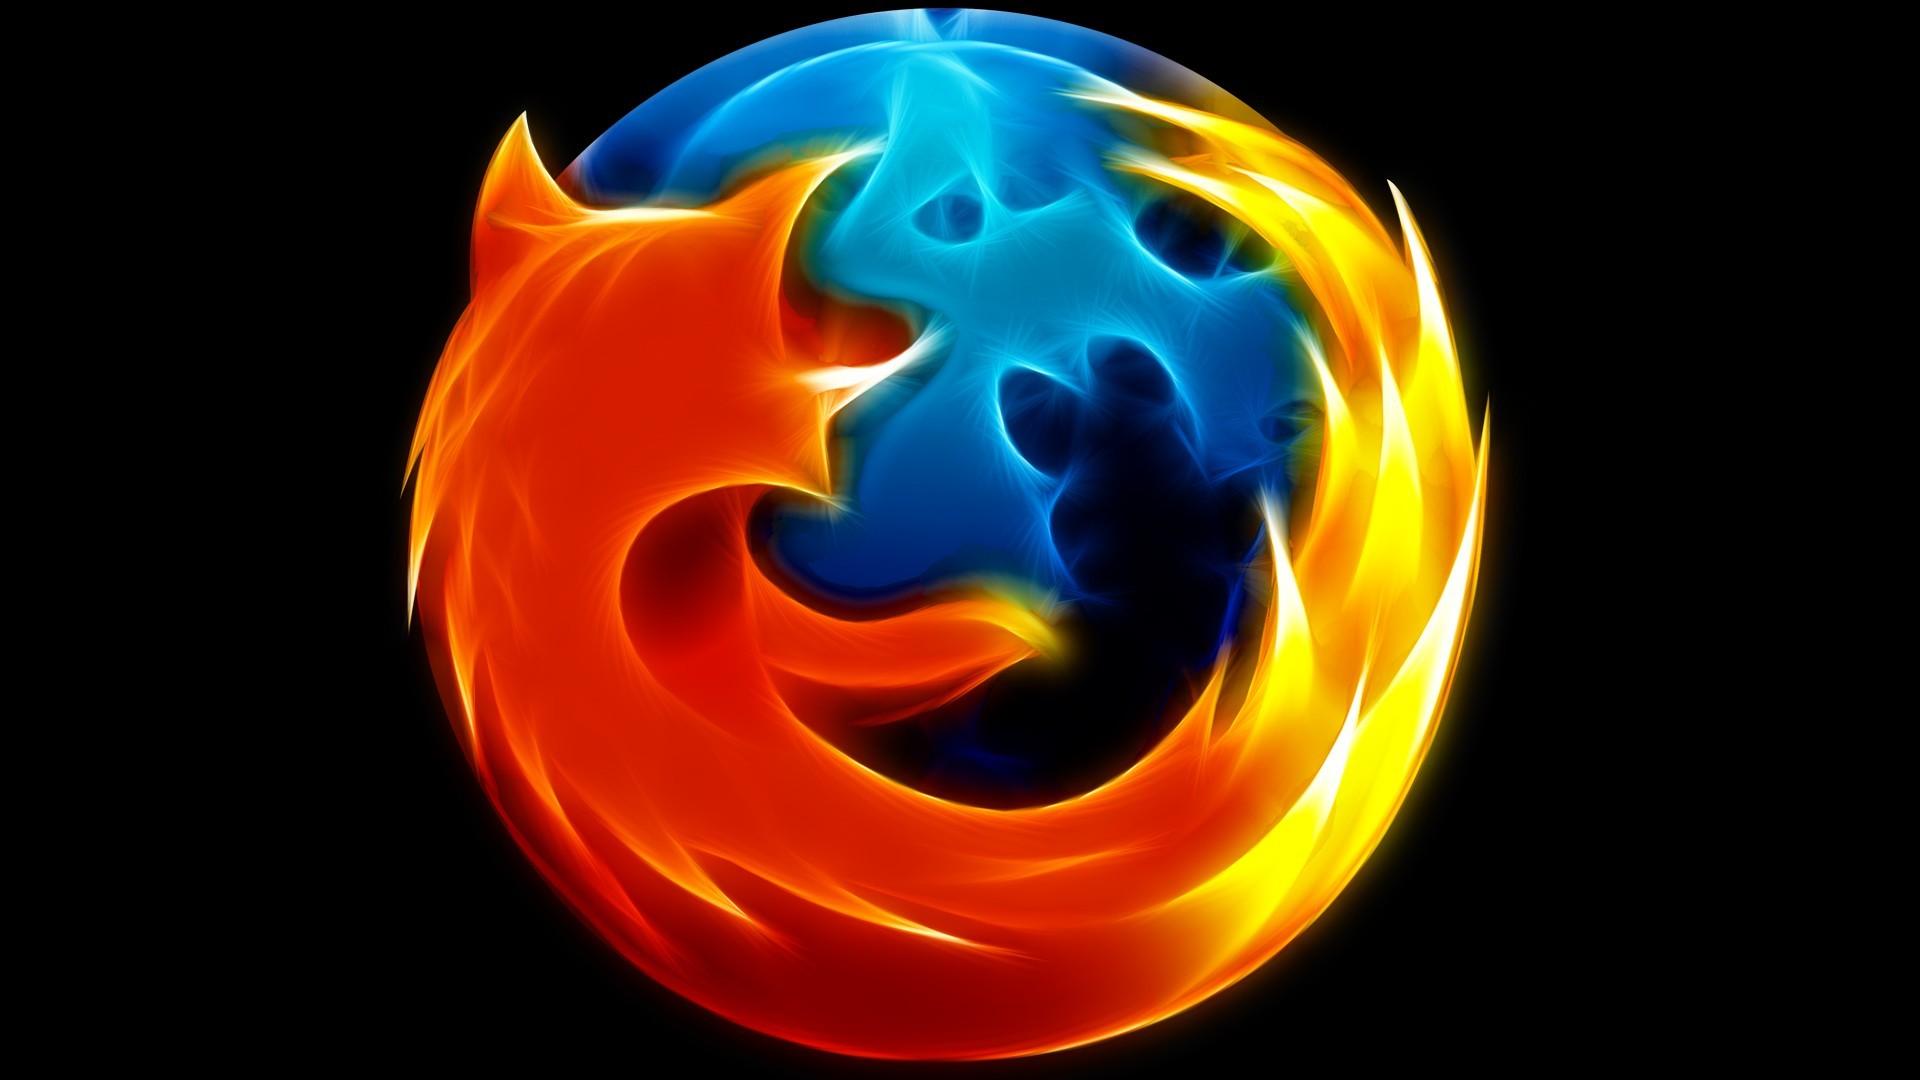 Bảo vệ mắt khi đọc với chế độ ban đêm của Firefox trong iOS